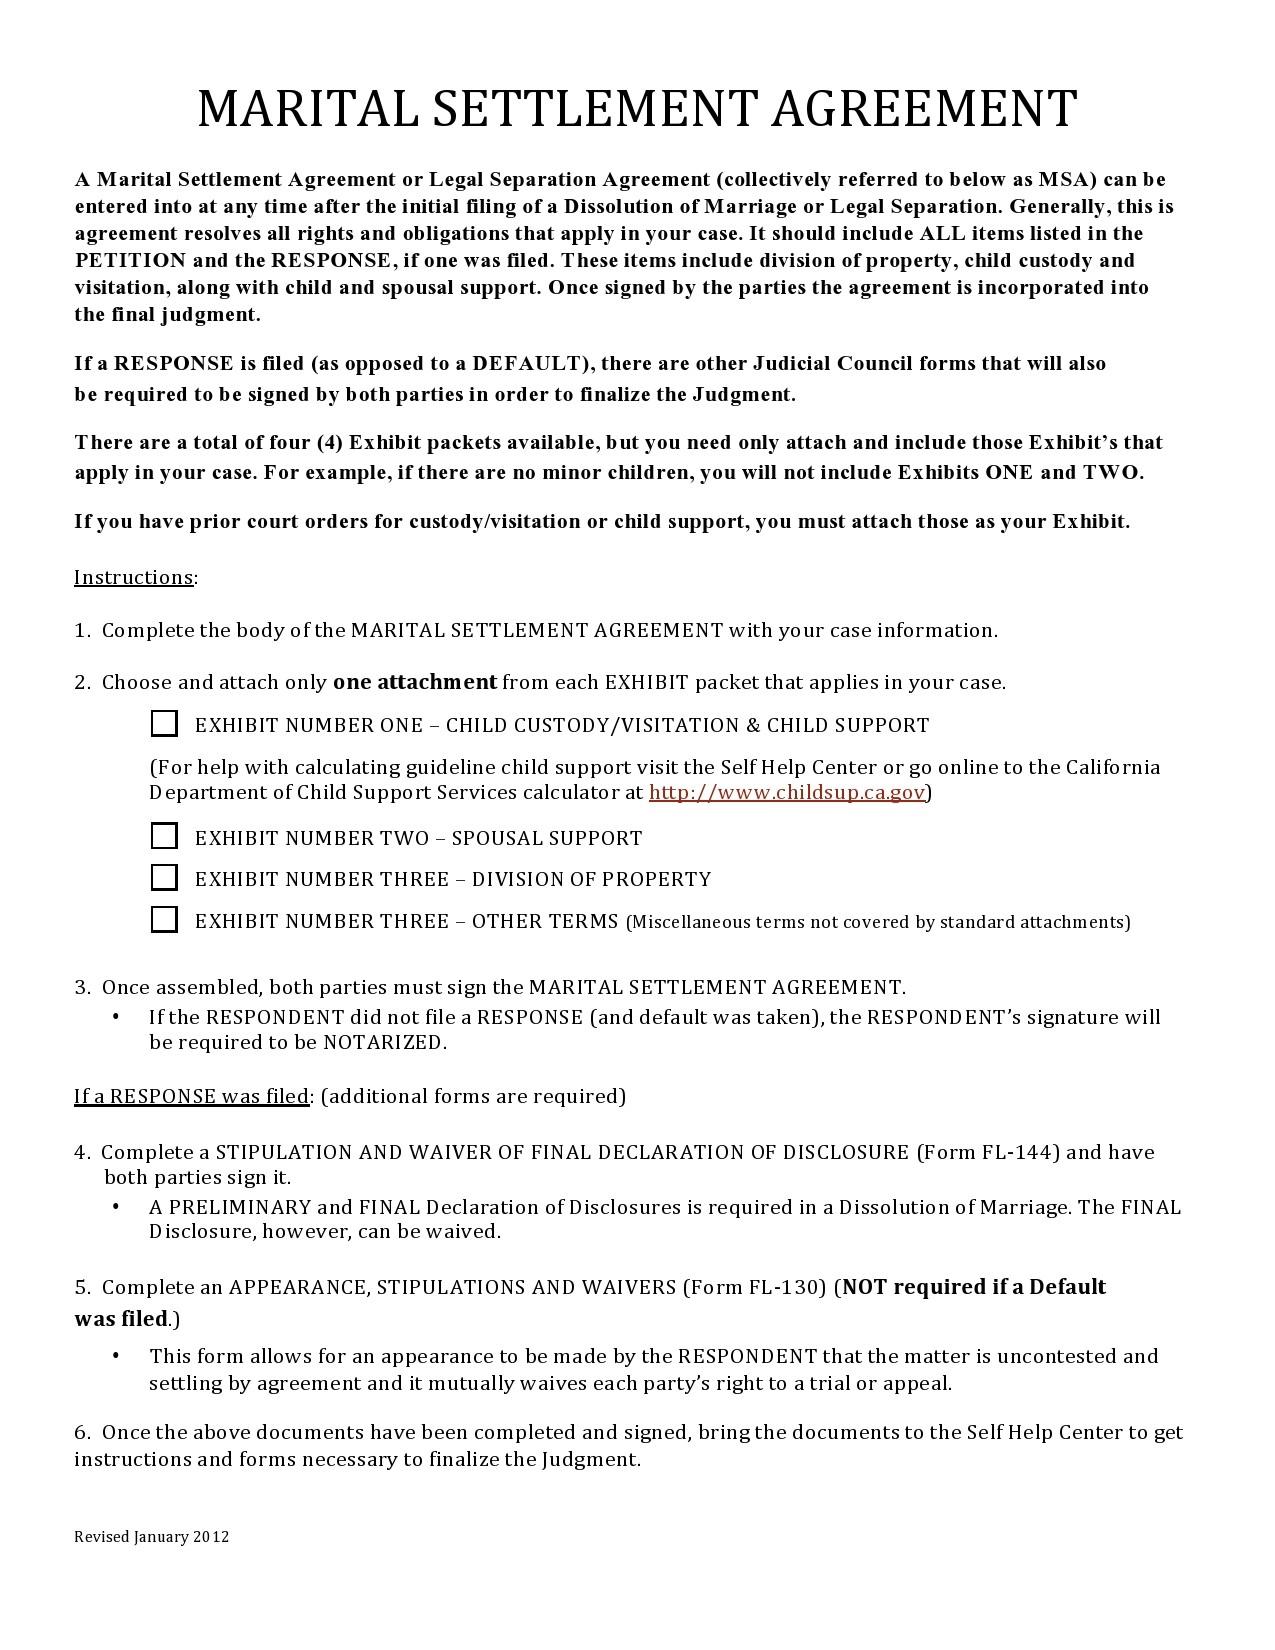 Free marital settlement agreement 06